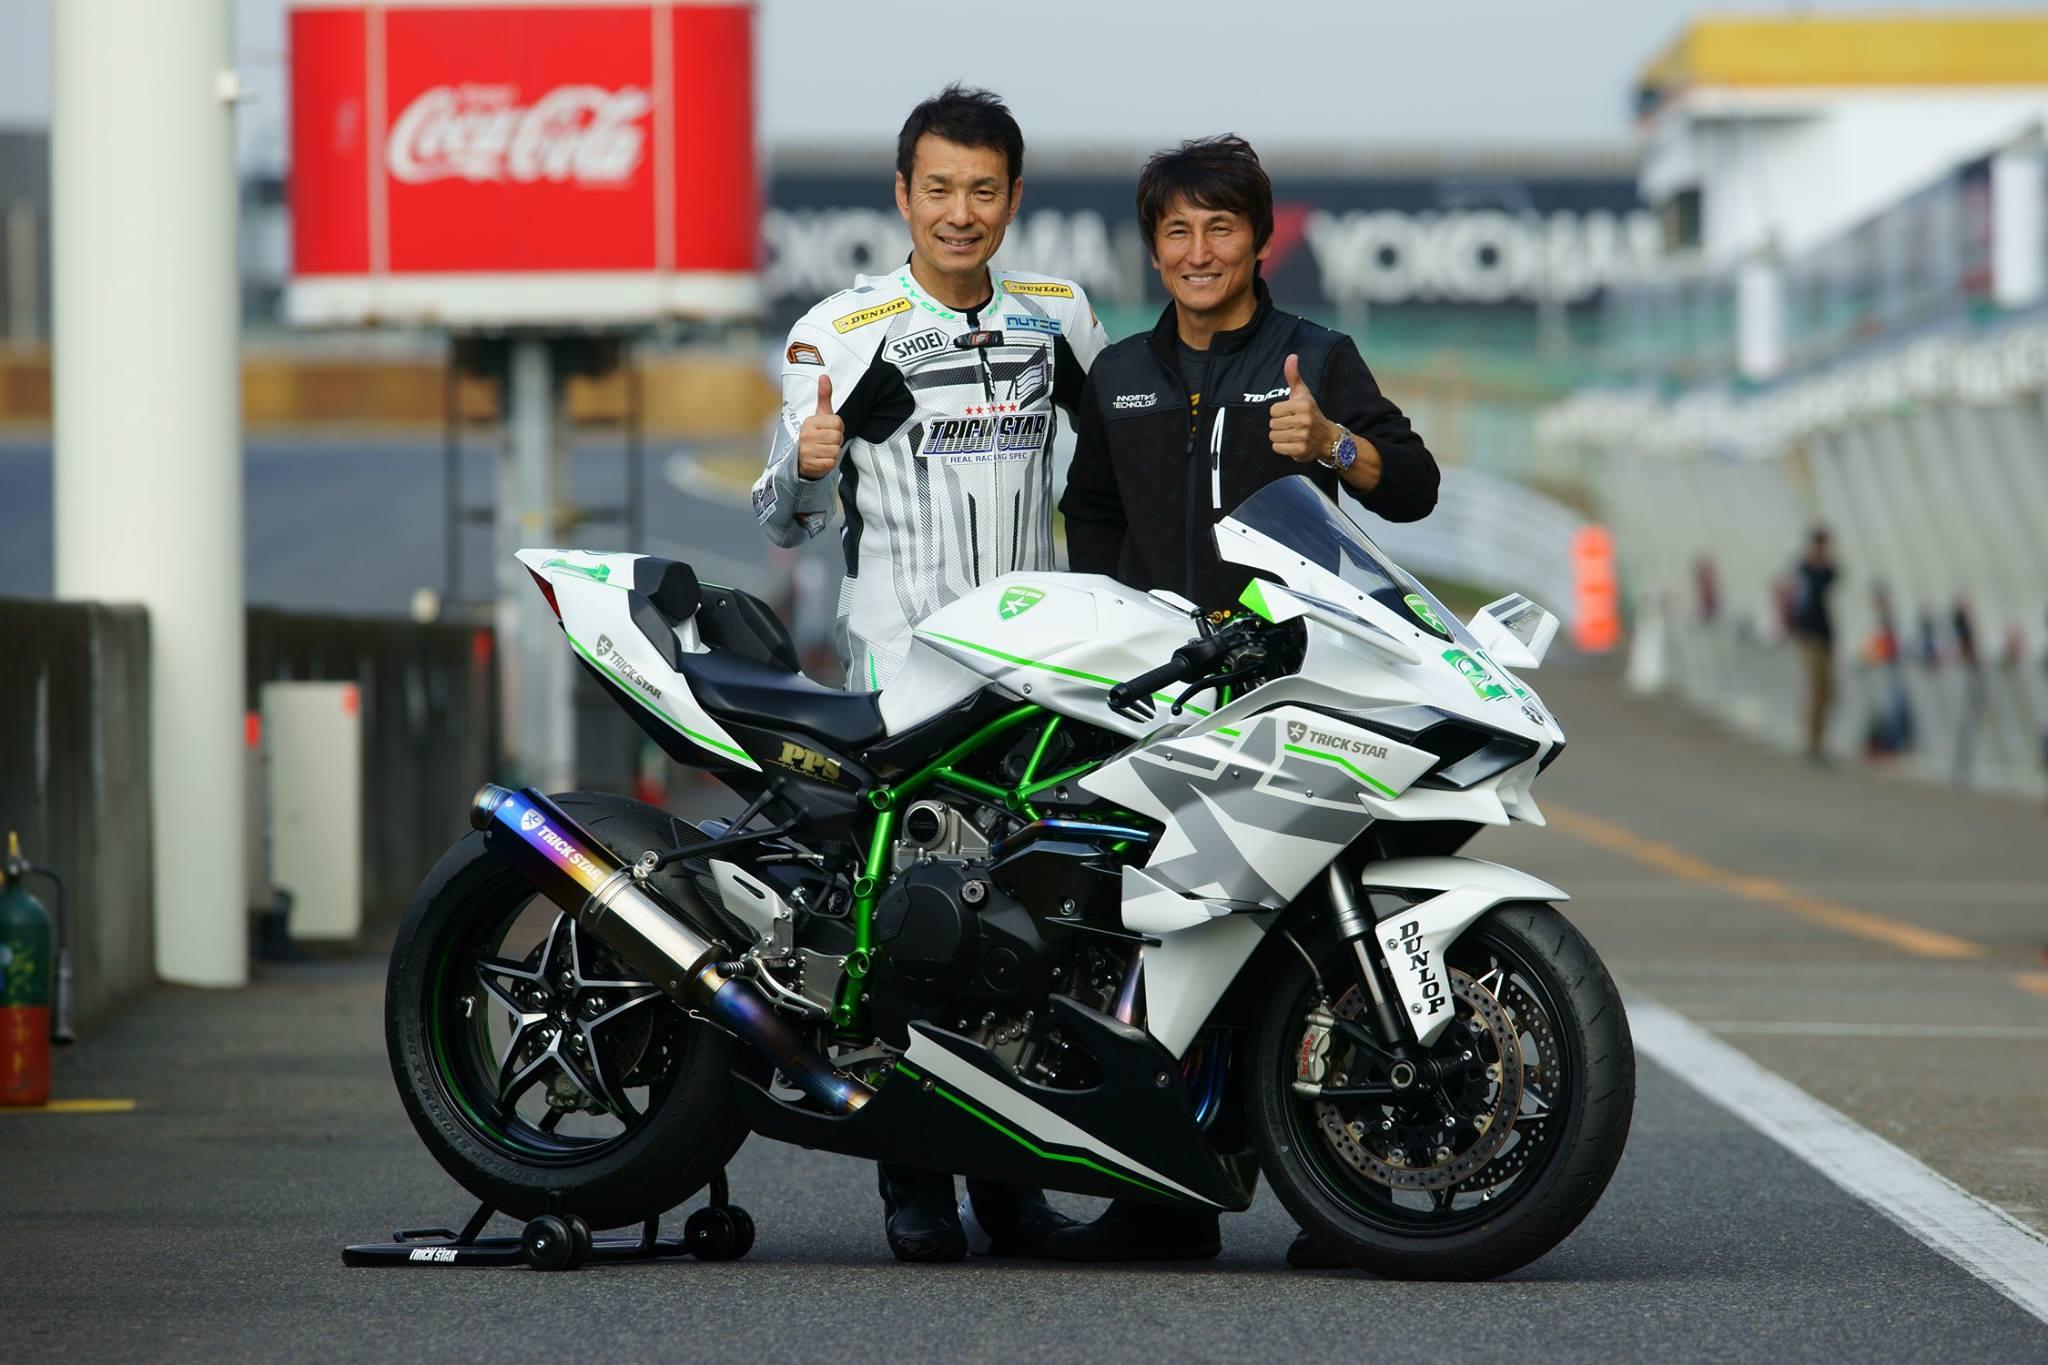 Grafis Inspirasi Modif Striping Kawasaki Ninja 250R Fi